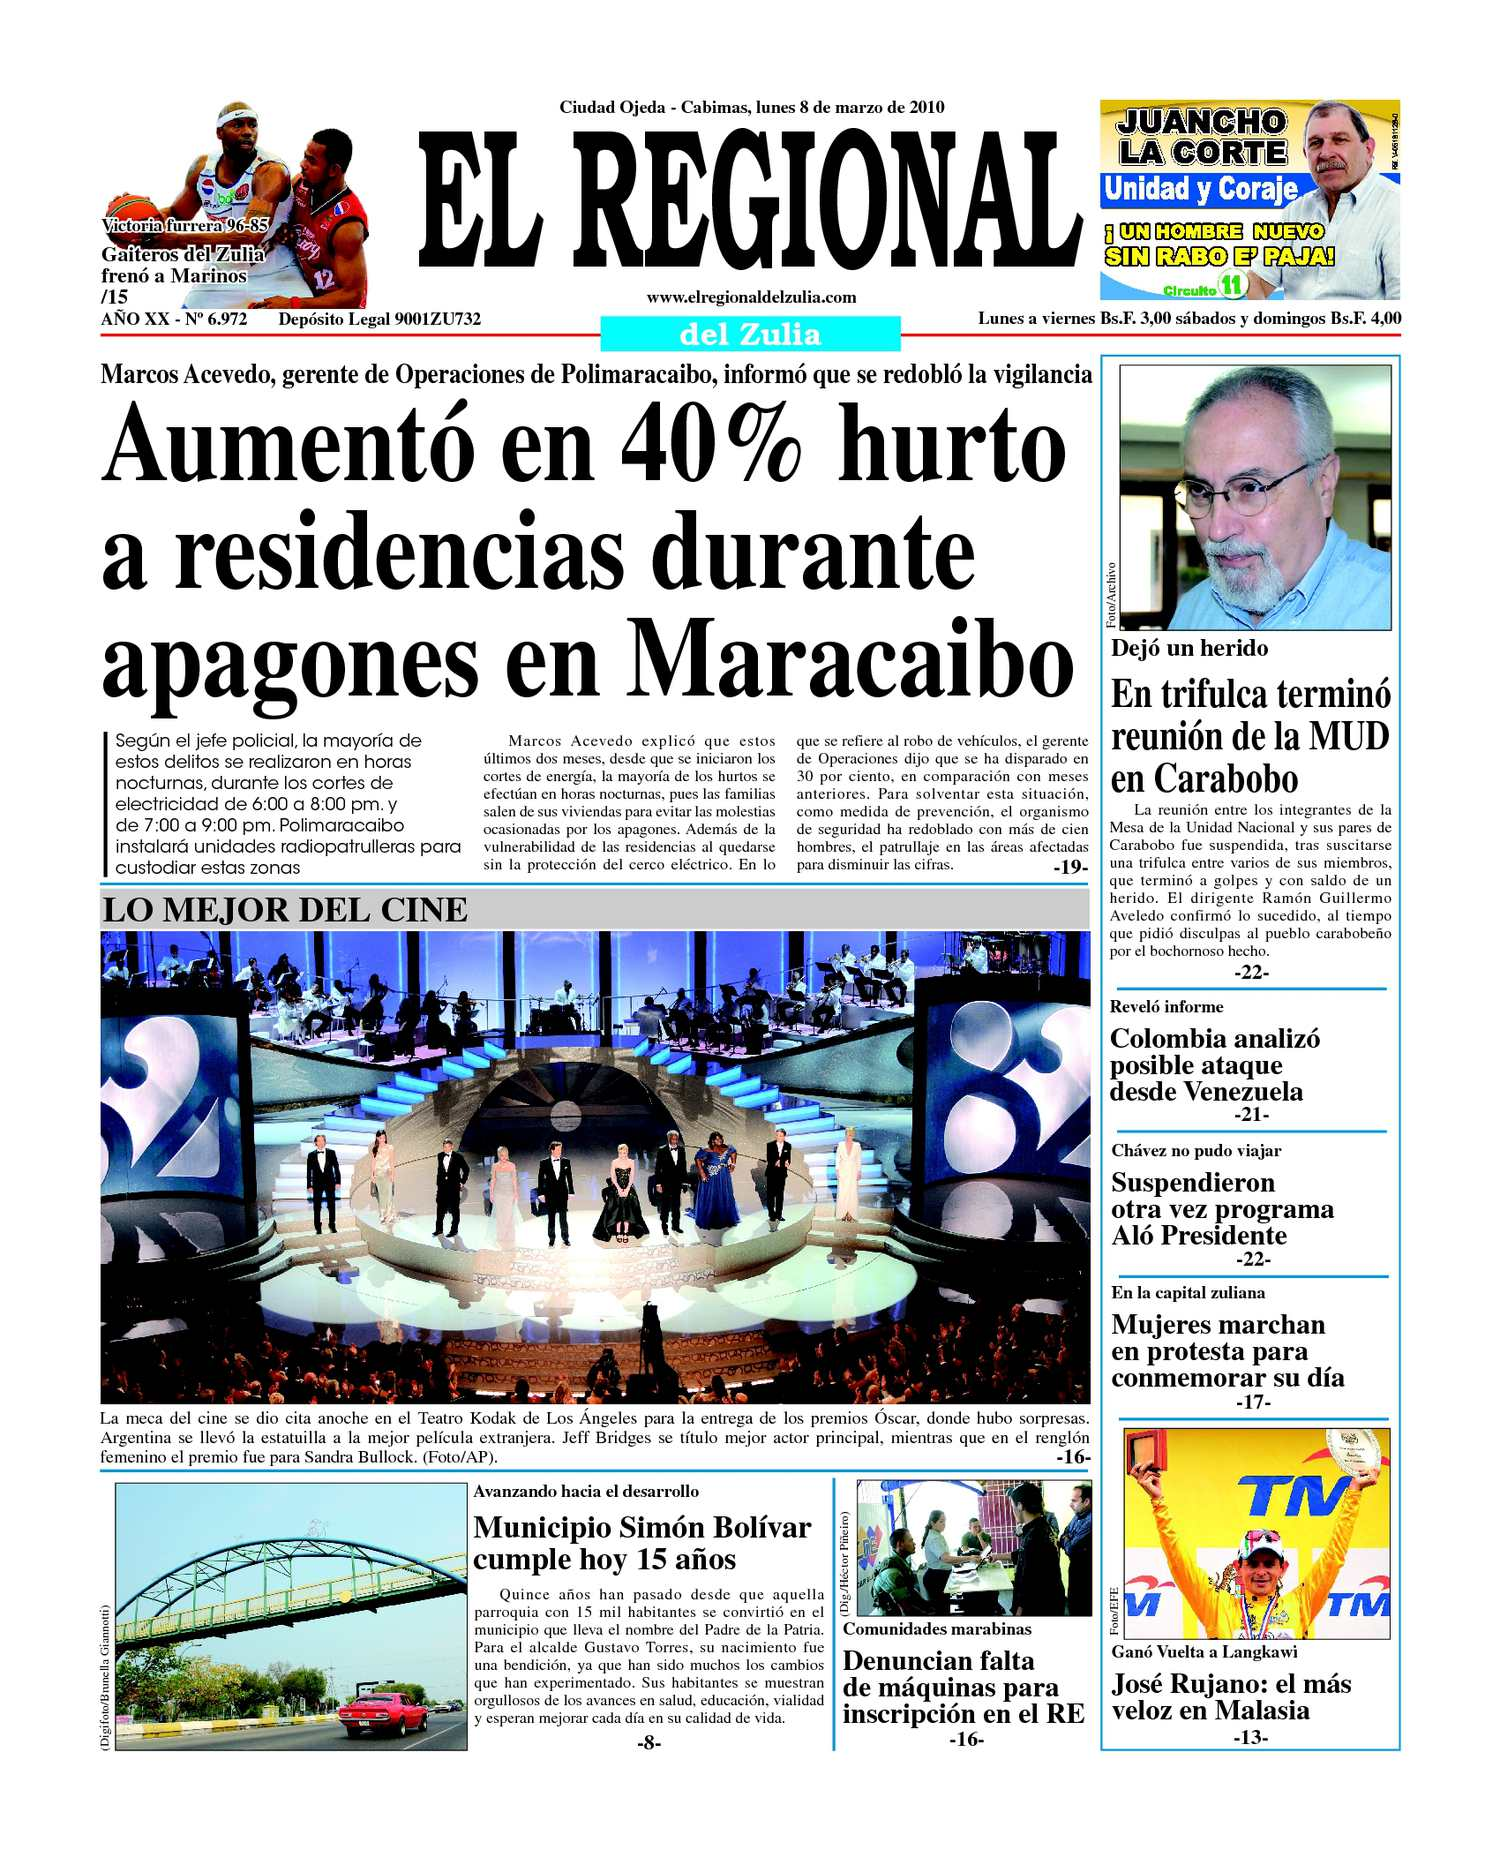 El Regional del Zulia | 08-03-2010